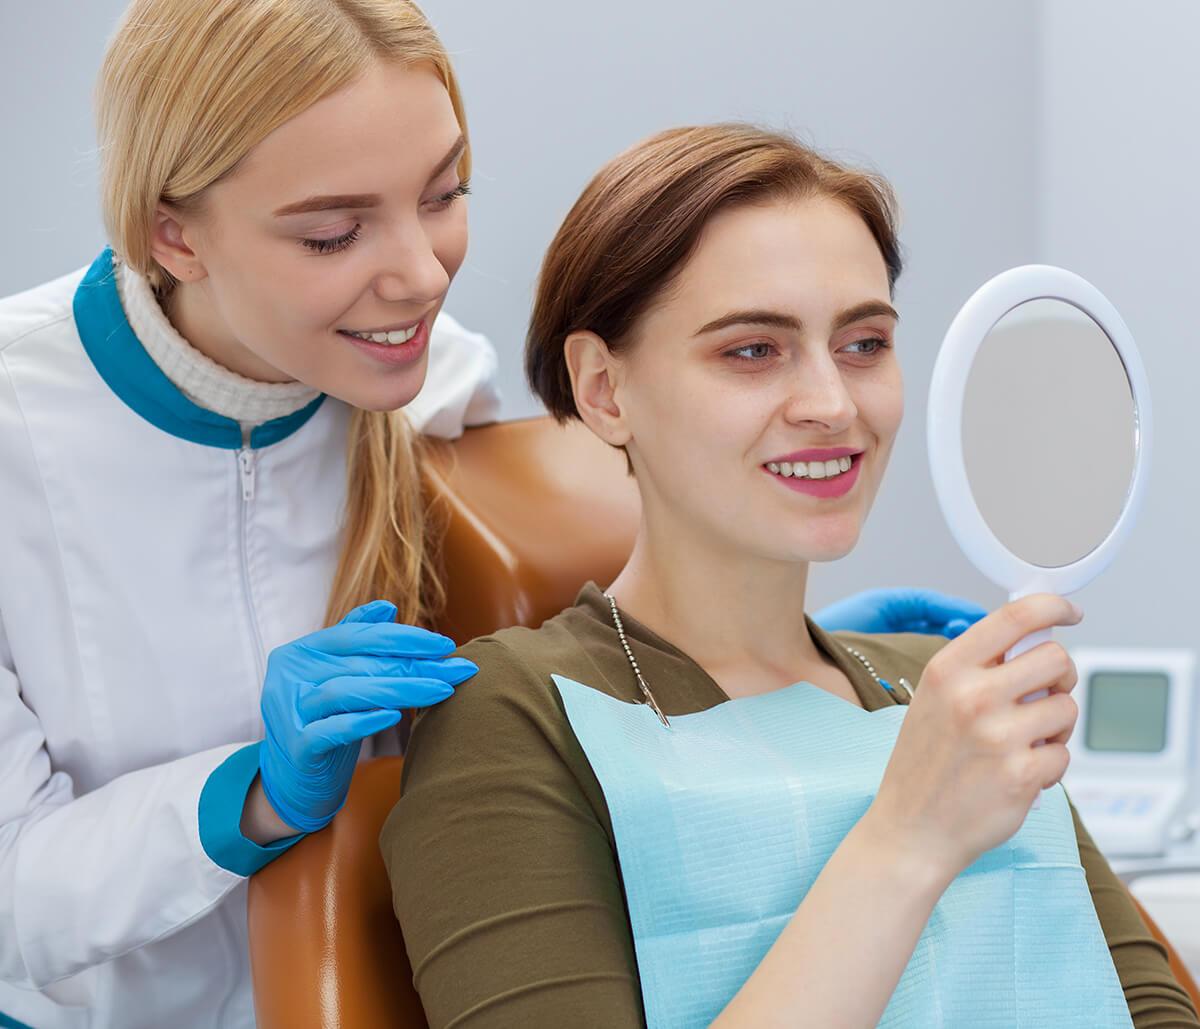 Preventative Dental Services at Bright Smiles Dental Studio in Glendale, Ca Area